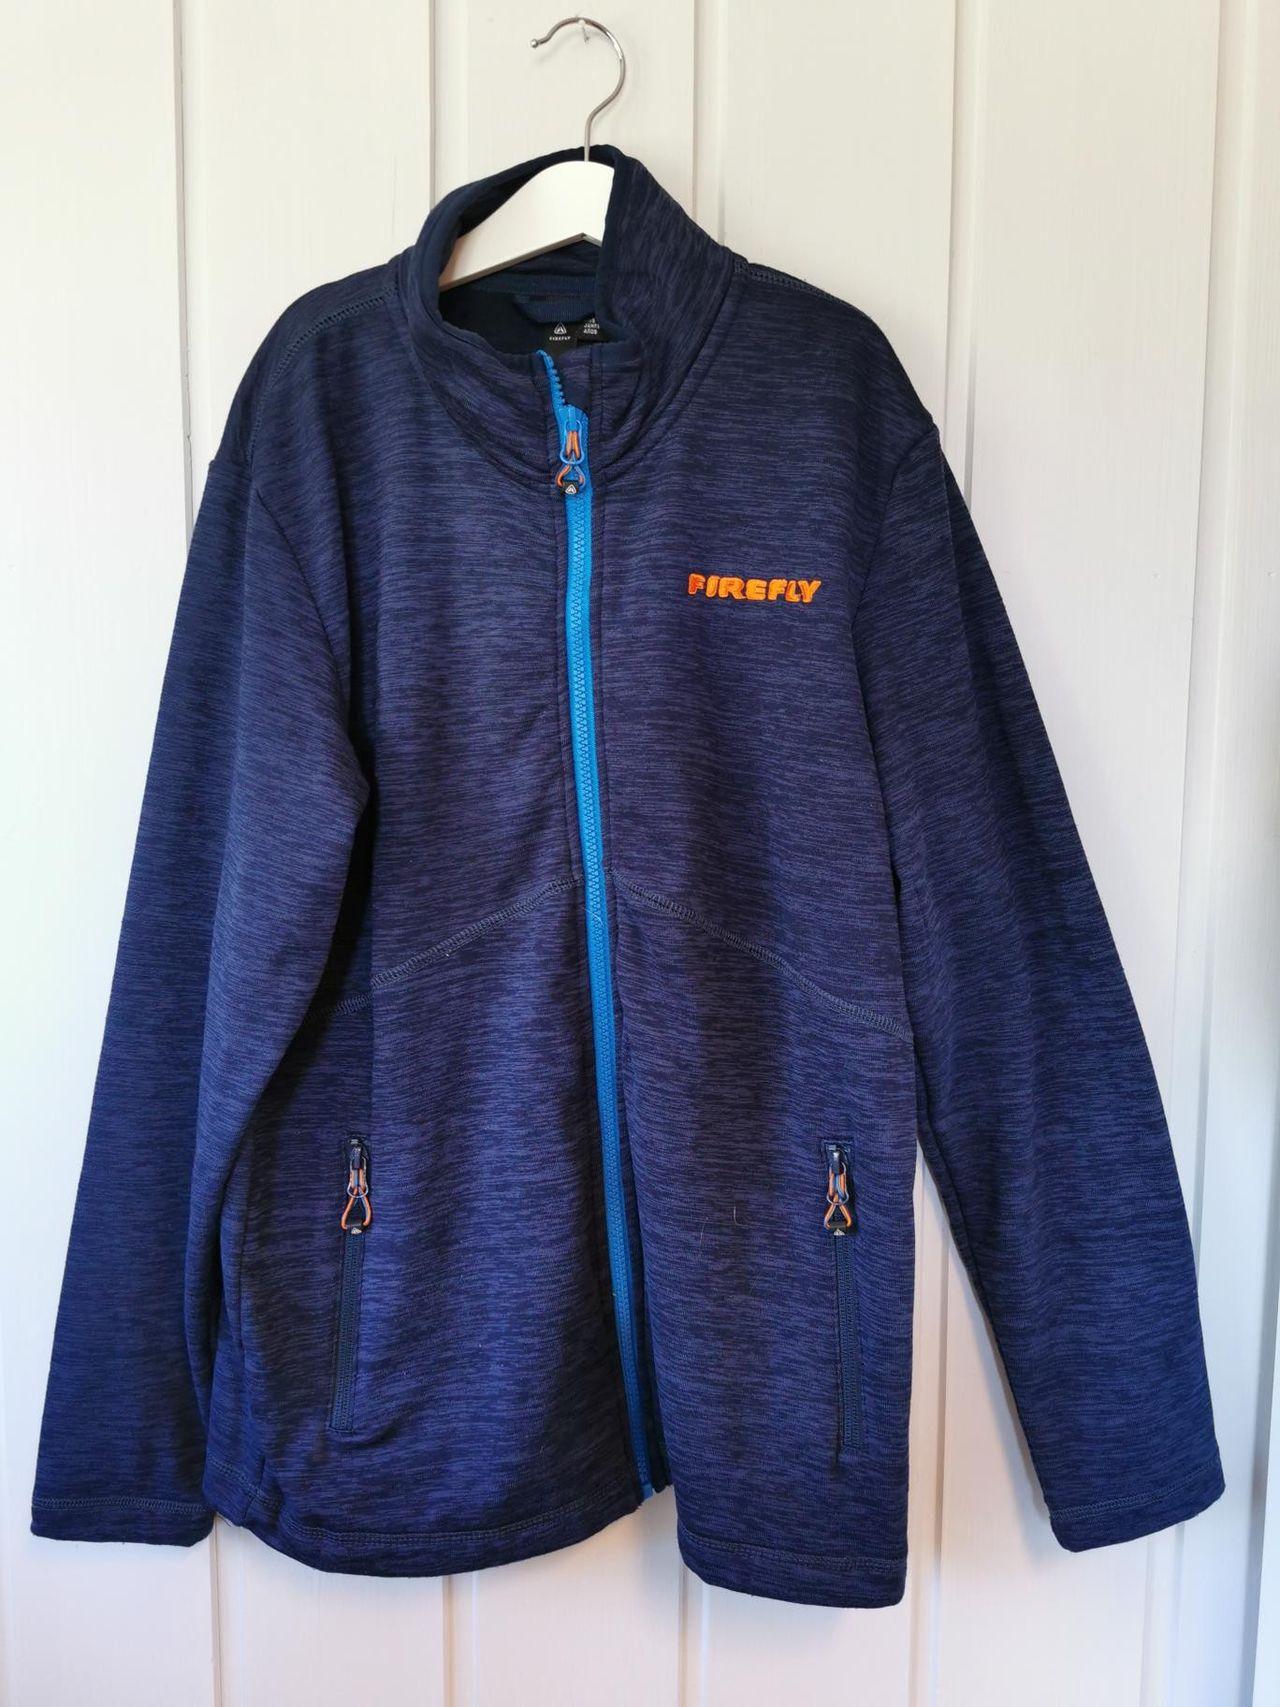 Firefly jakke str 164 x 2 | FINN.no